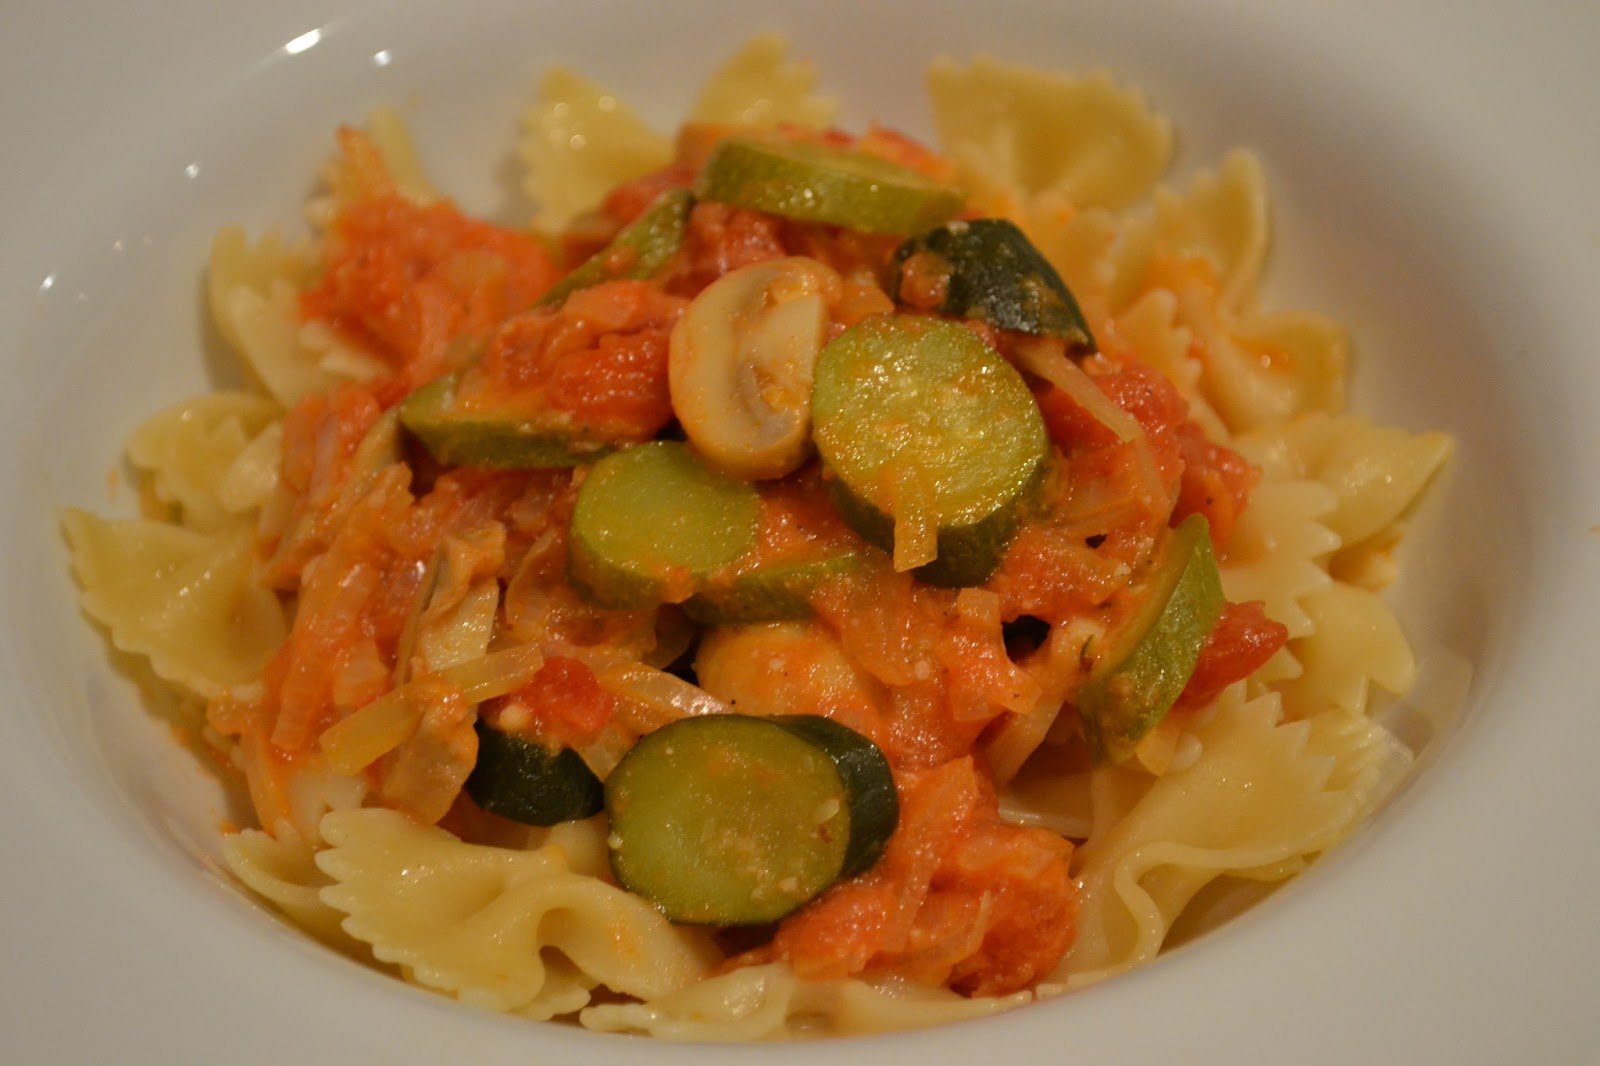 Veggie spaghetti